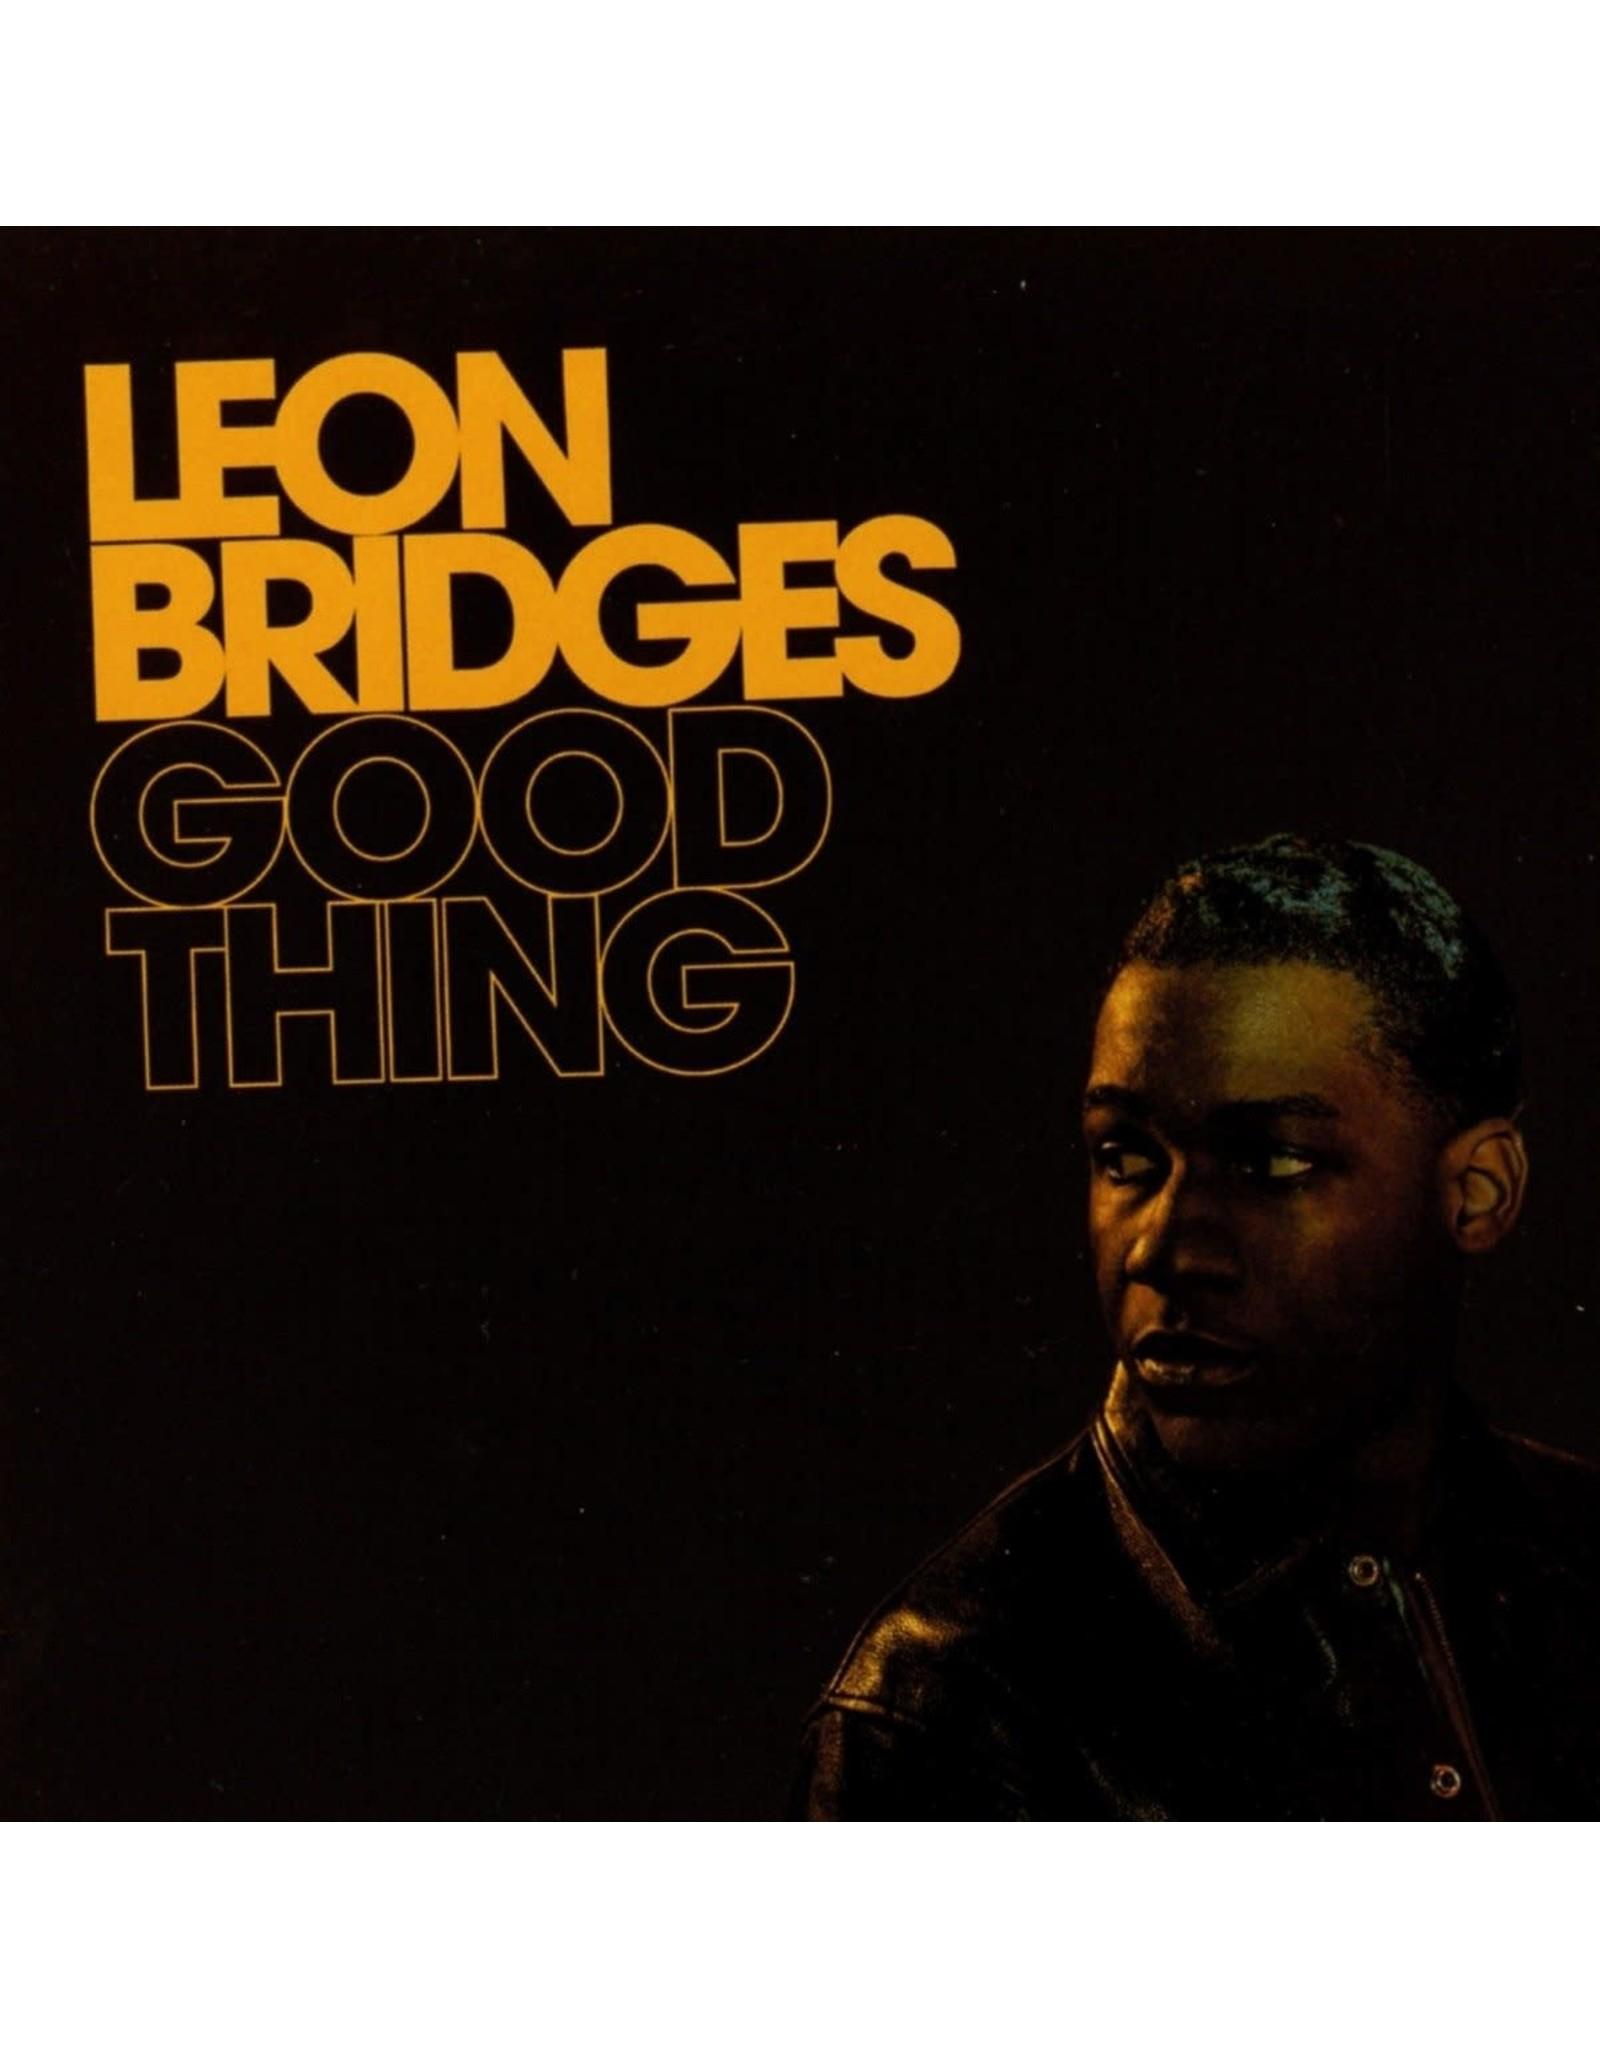 Leon Bridges - Good Thing (Exclusive Yellow Vinyl)